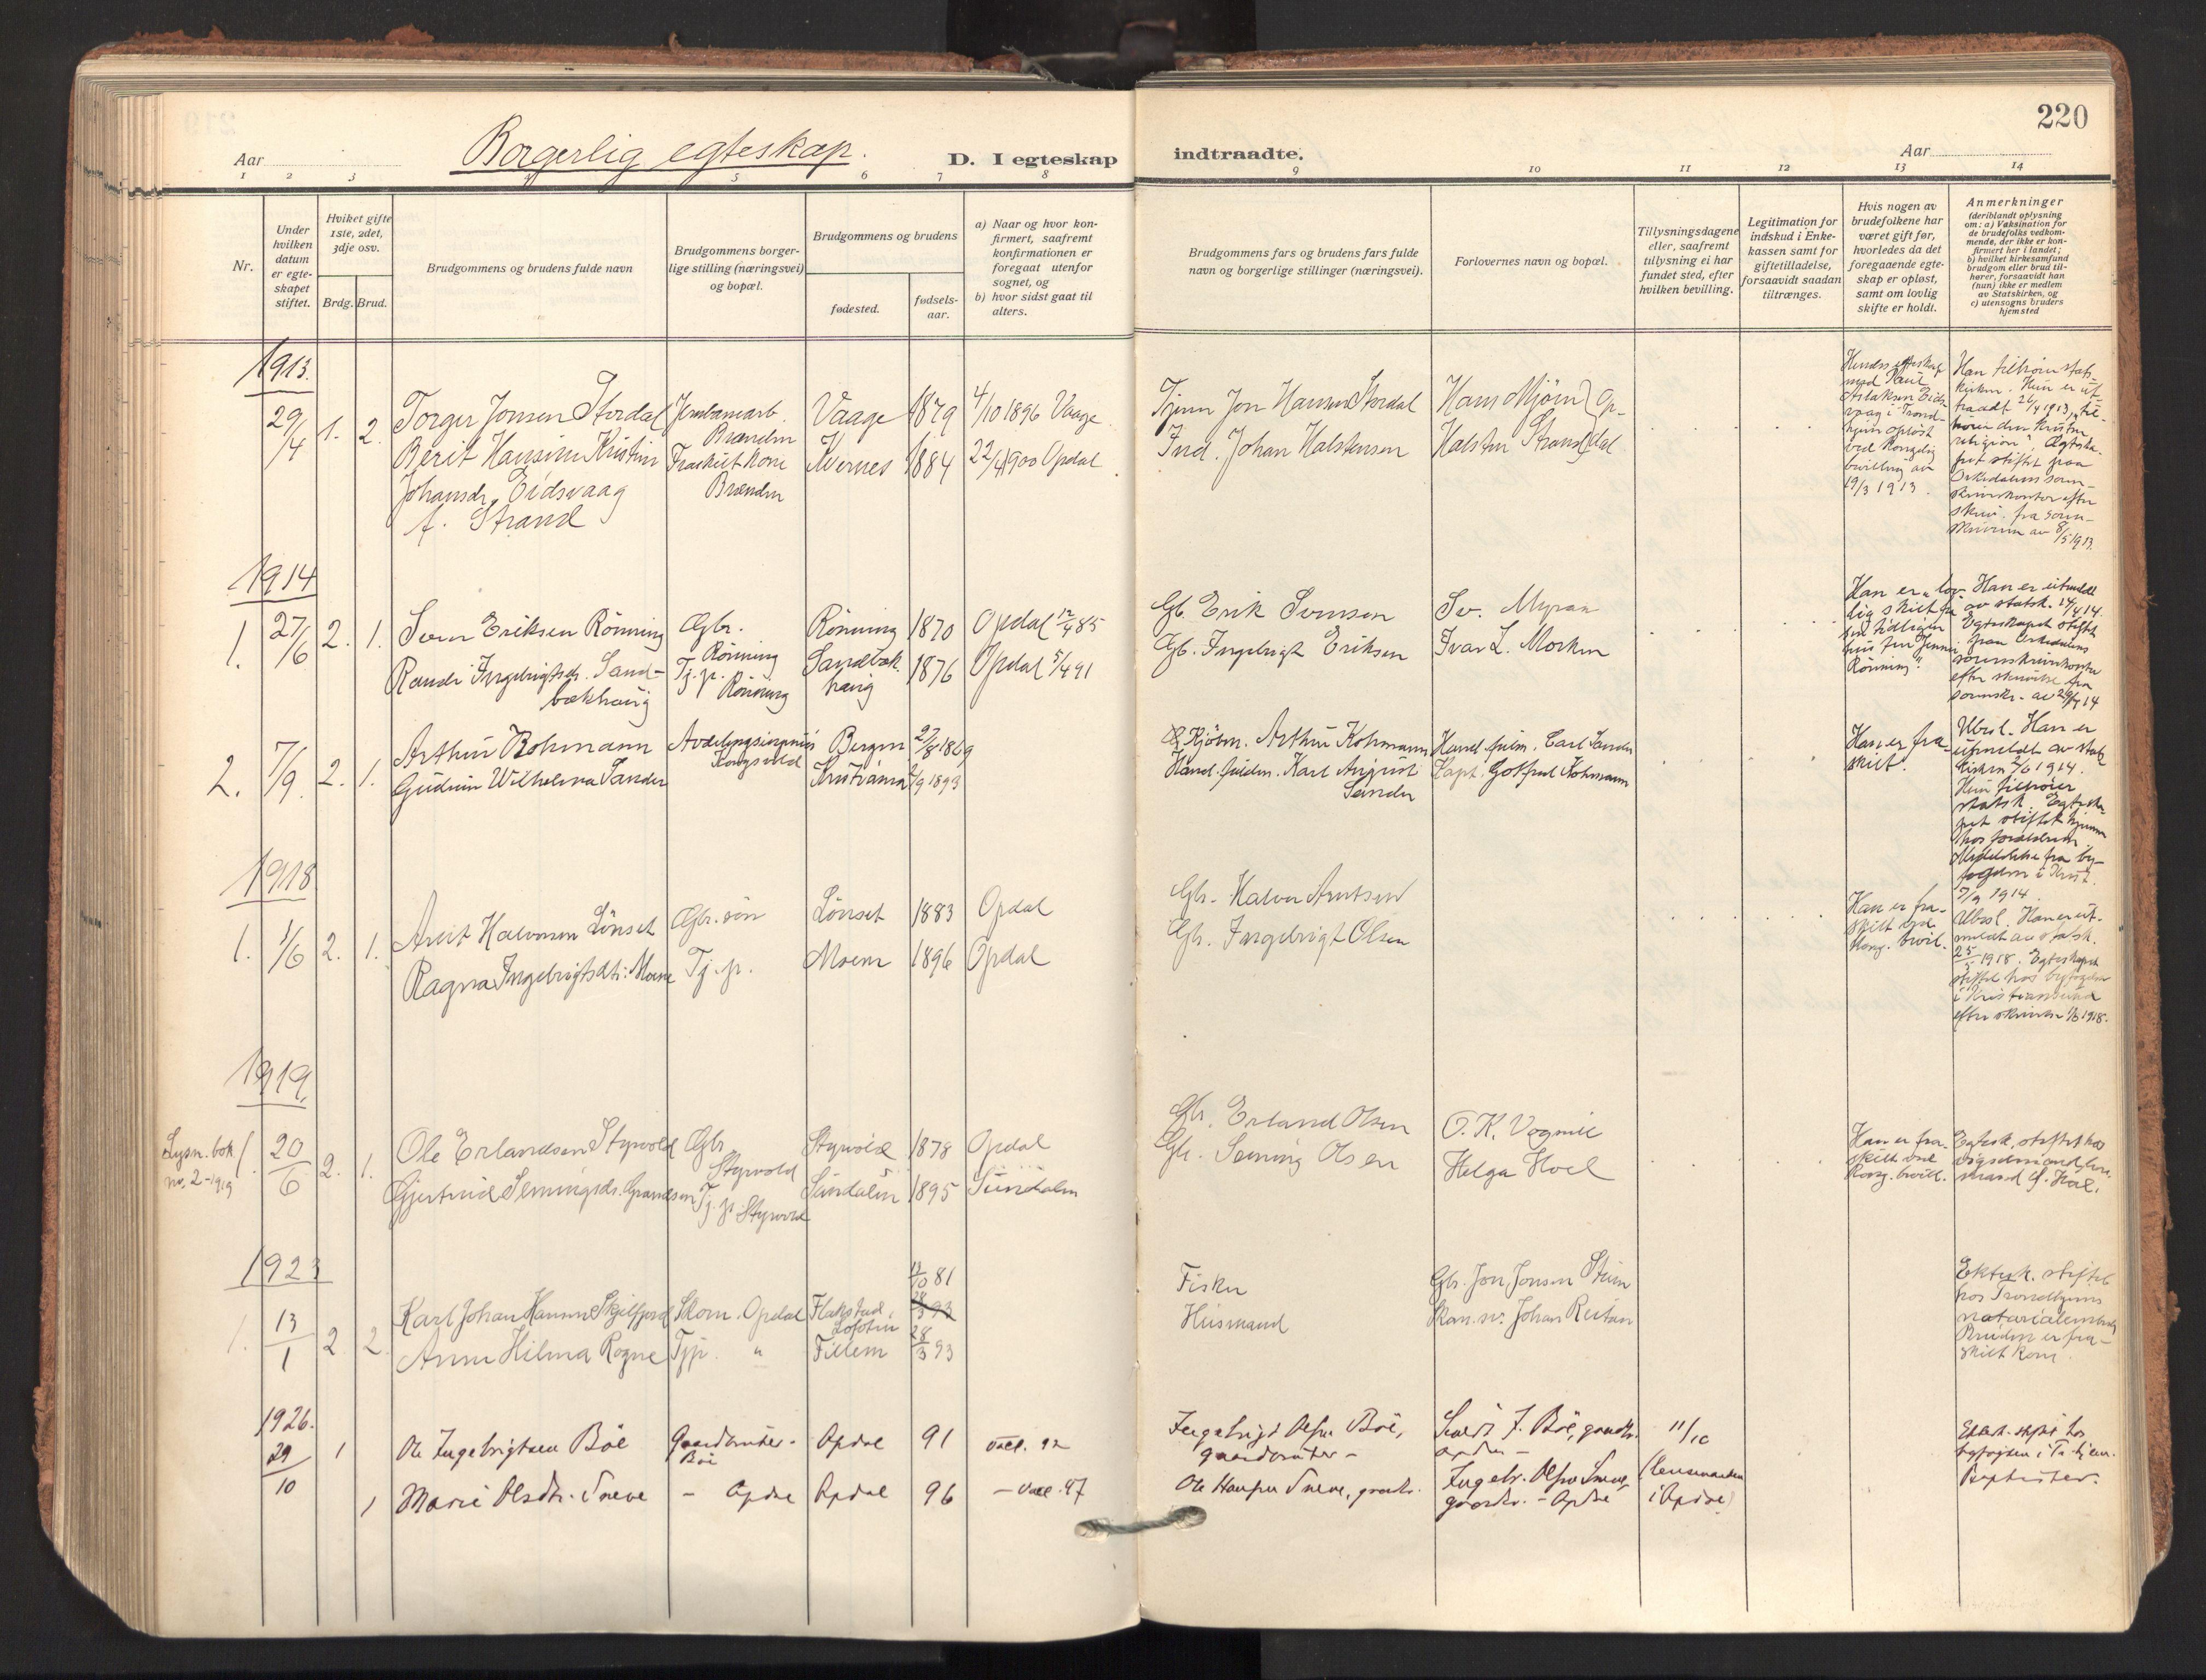 SAT, Ministerialprotokoller, klokkerbøker og fødselsregistre - Sør-Trøndelag, 678/L0909: Ministerialbok nr. 678A17, 1912-1930, s. 220